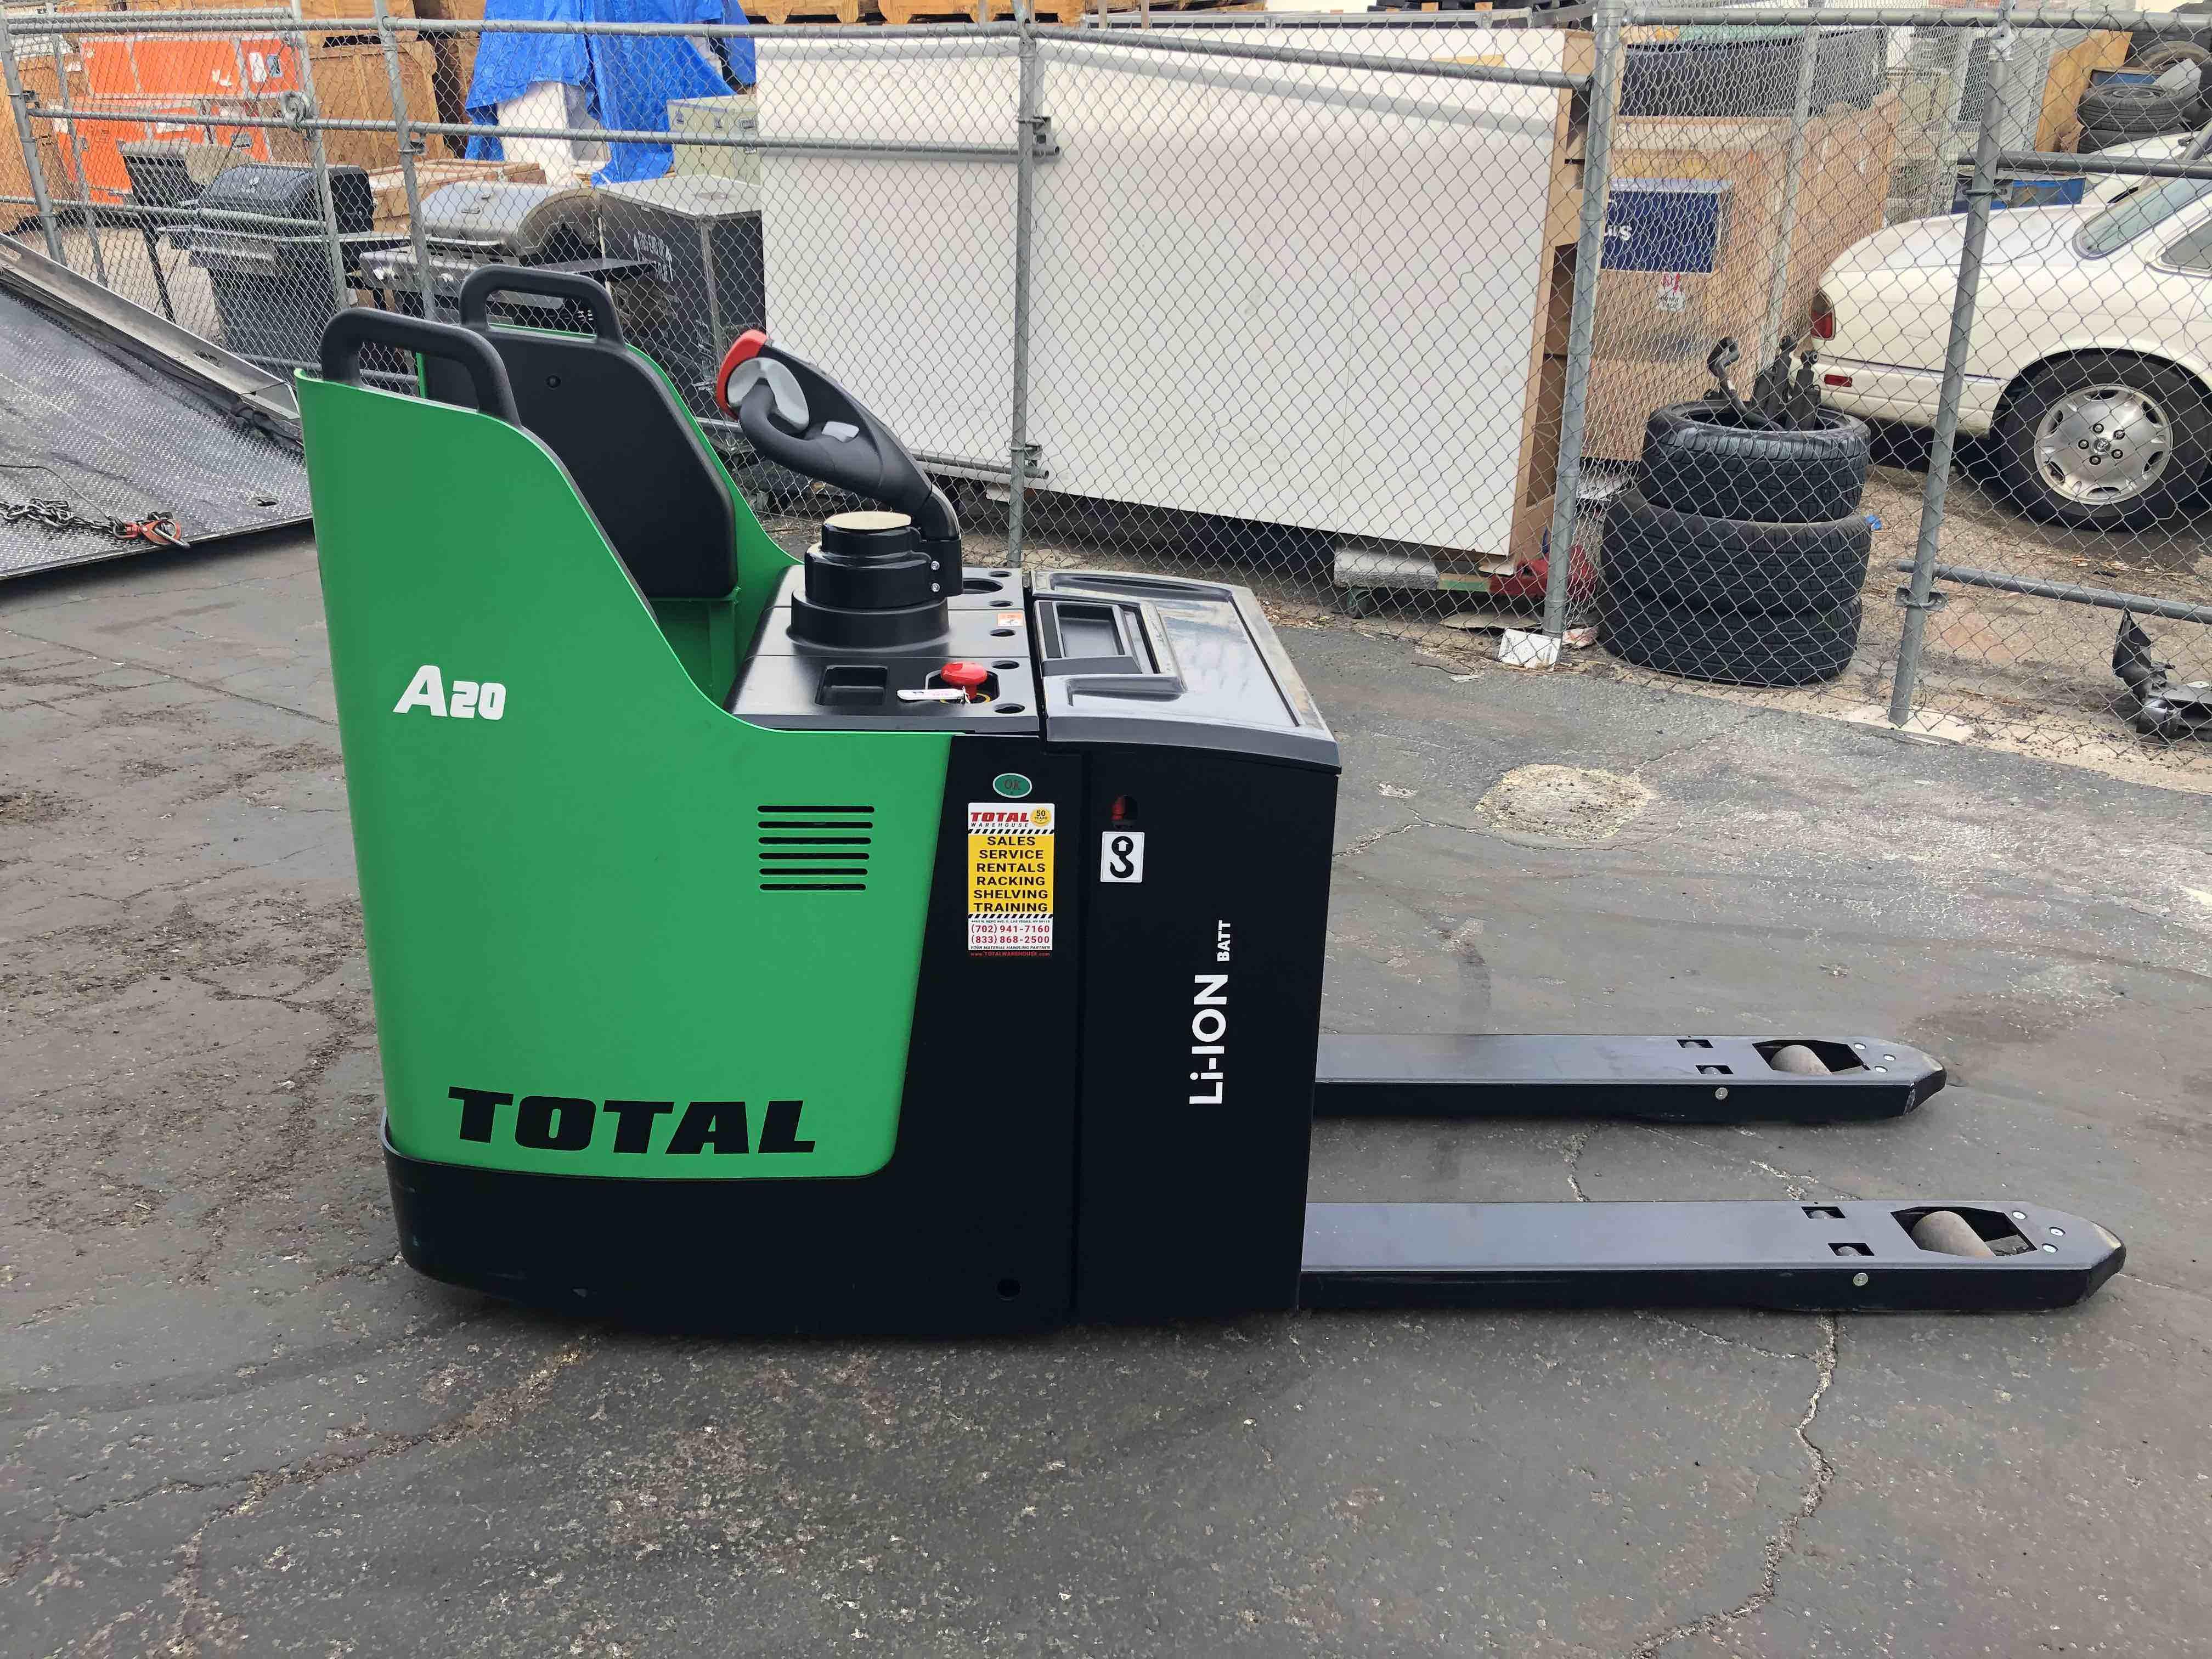 ERT-44 AR20 I9AI02258